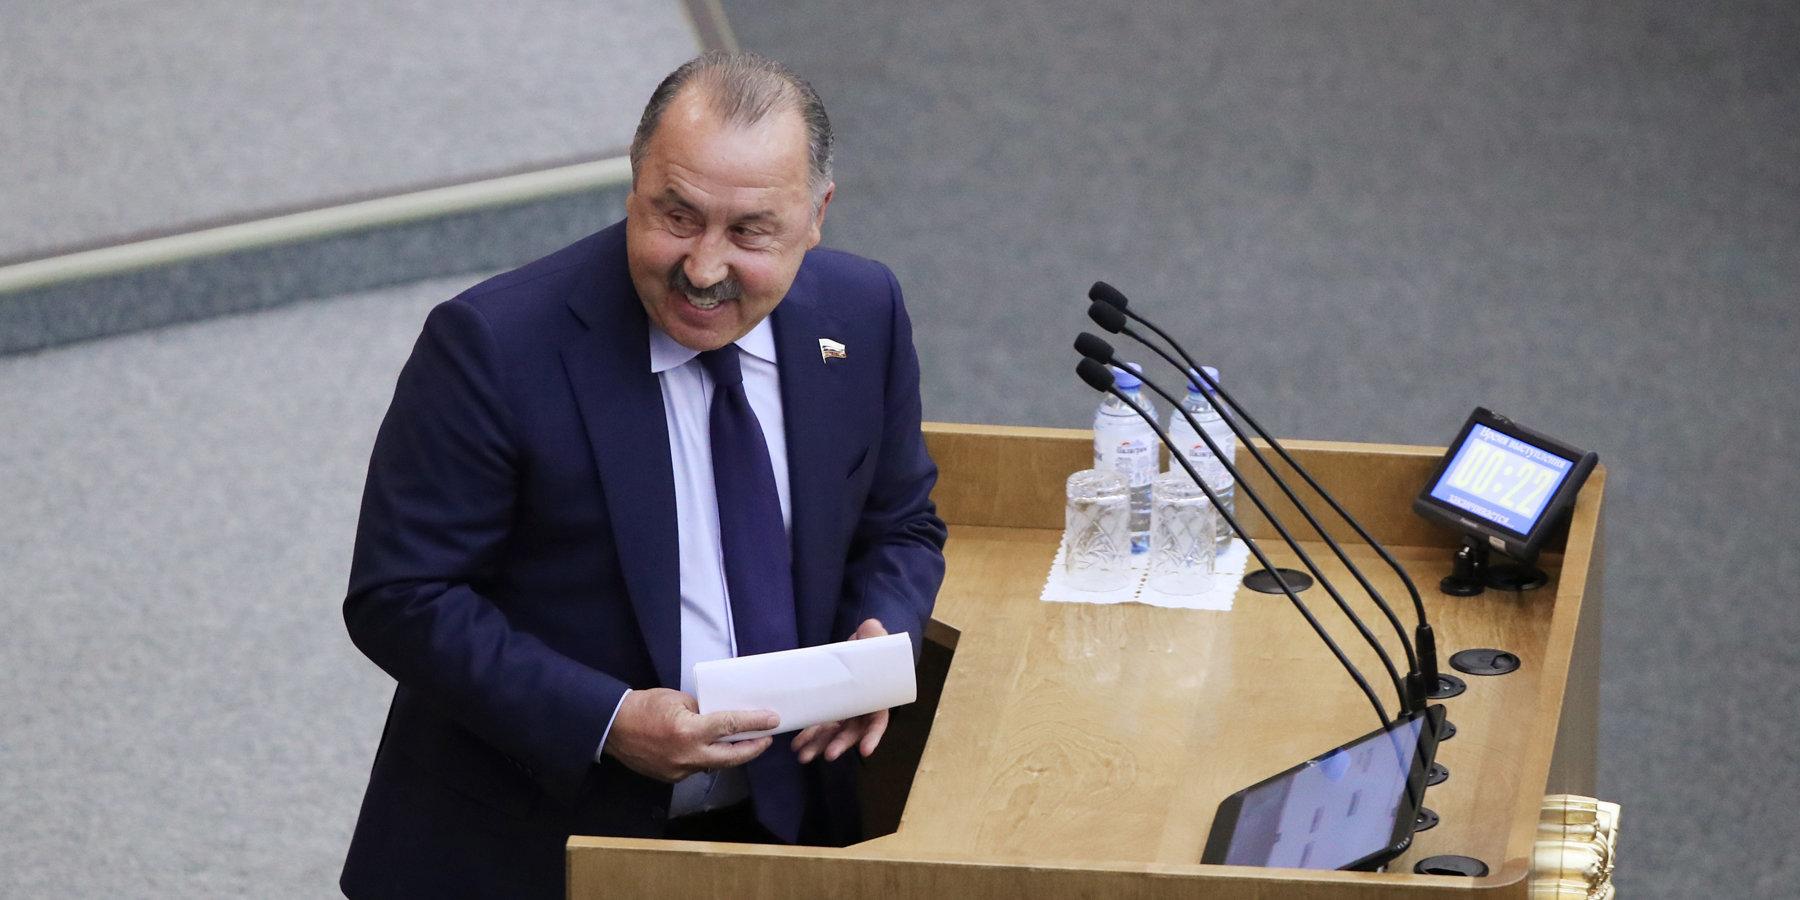 Валерий Газзаев: «Если проводить Евро в одной стране, лучше России варианта нет»